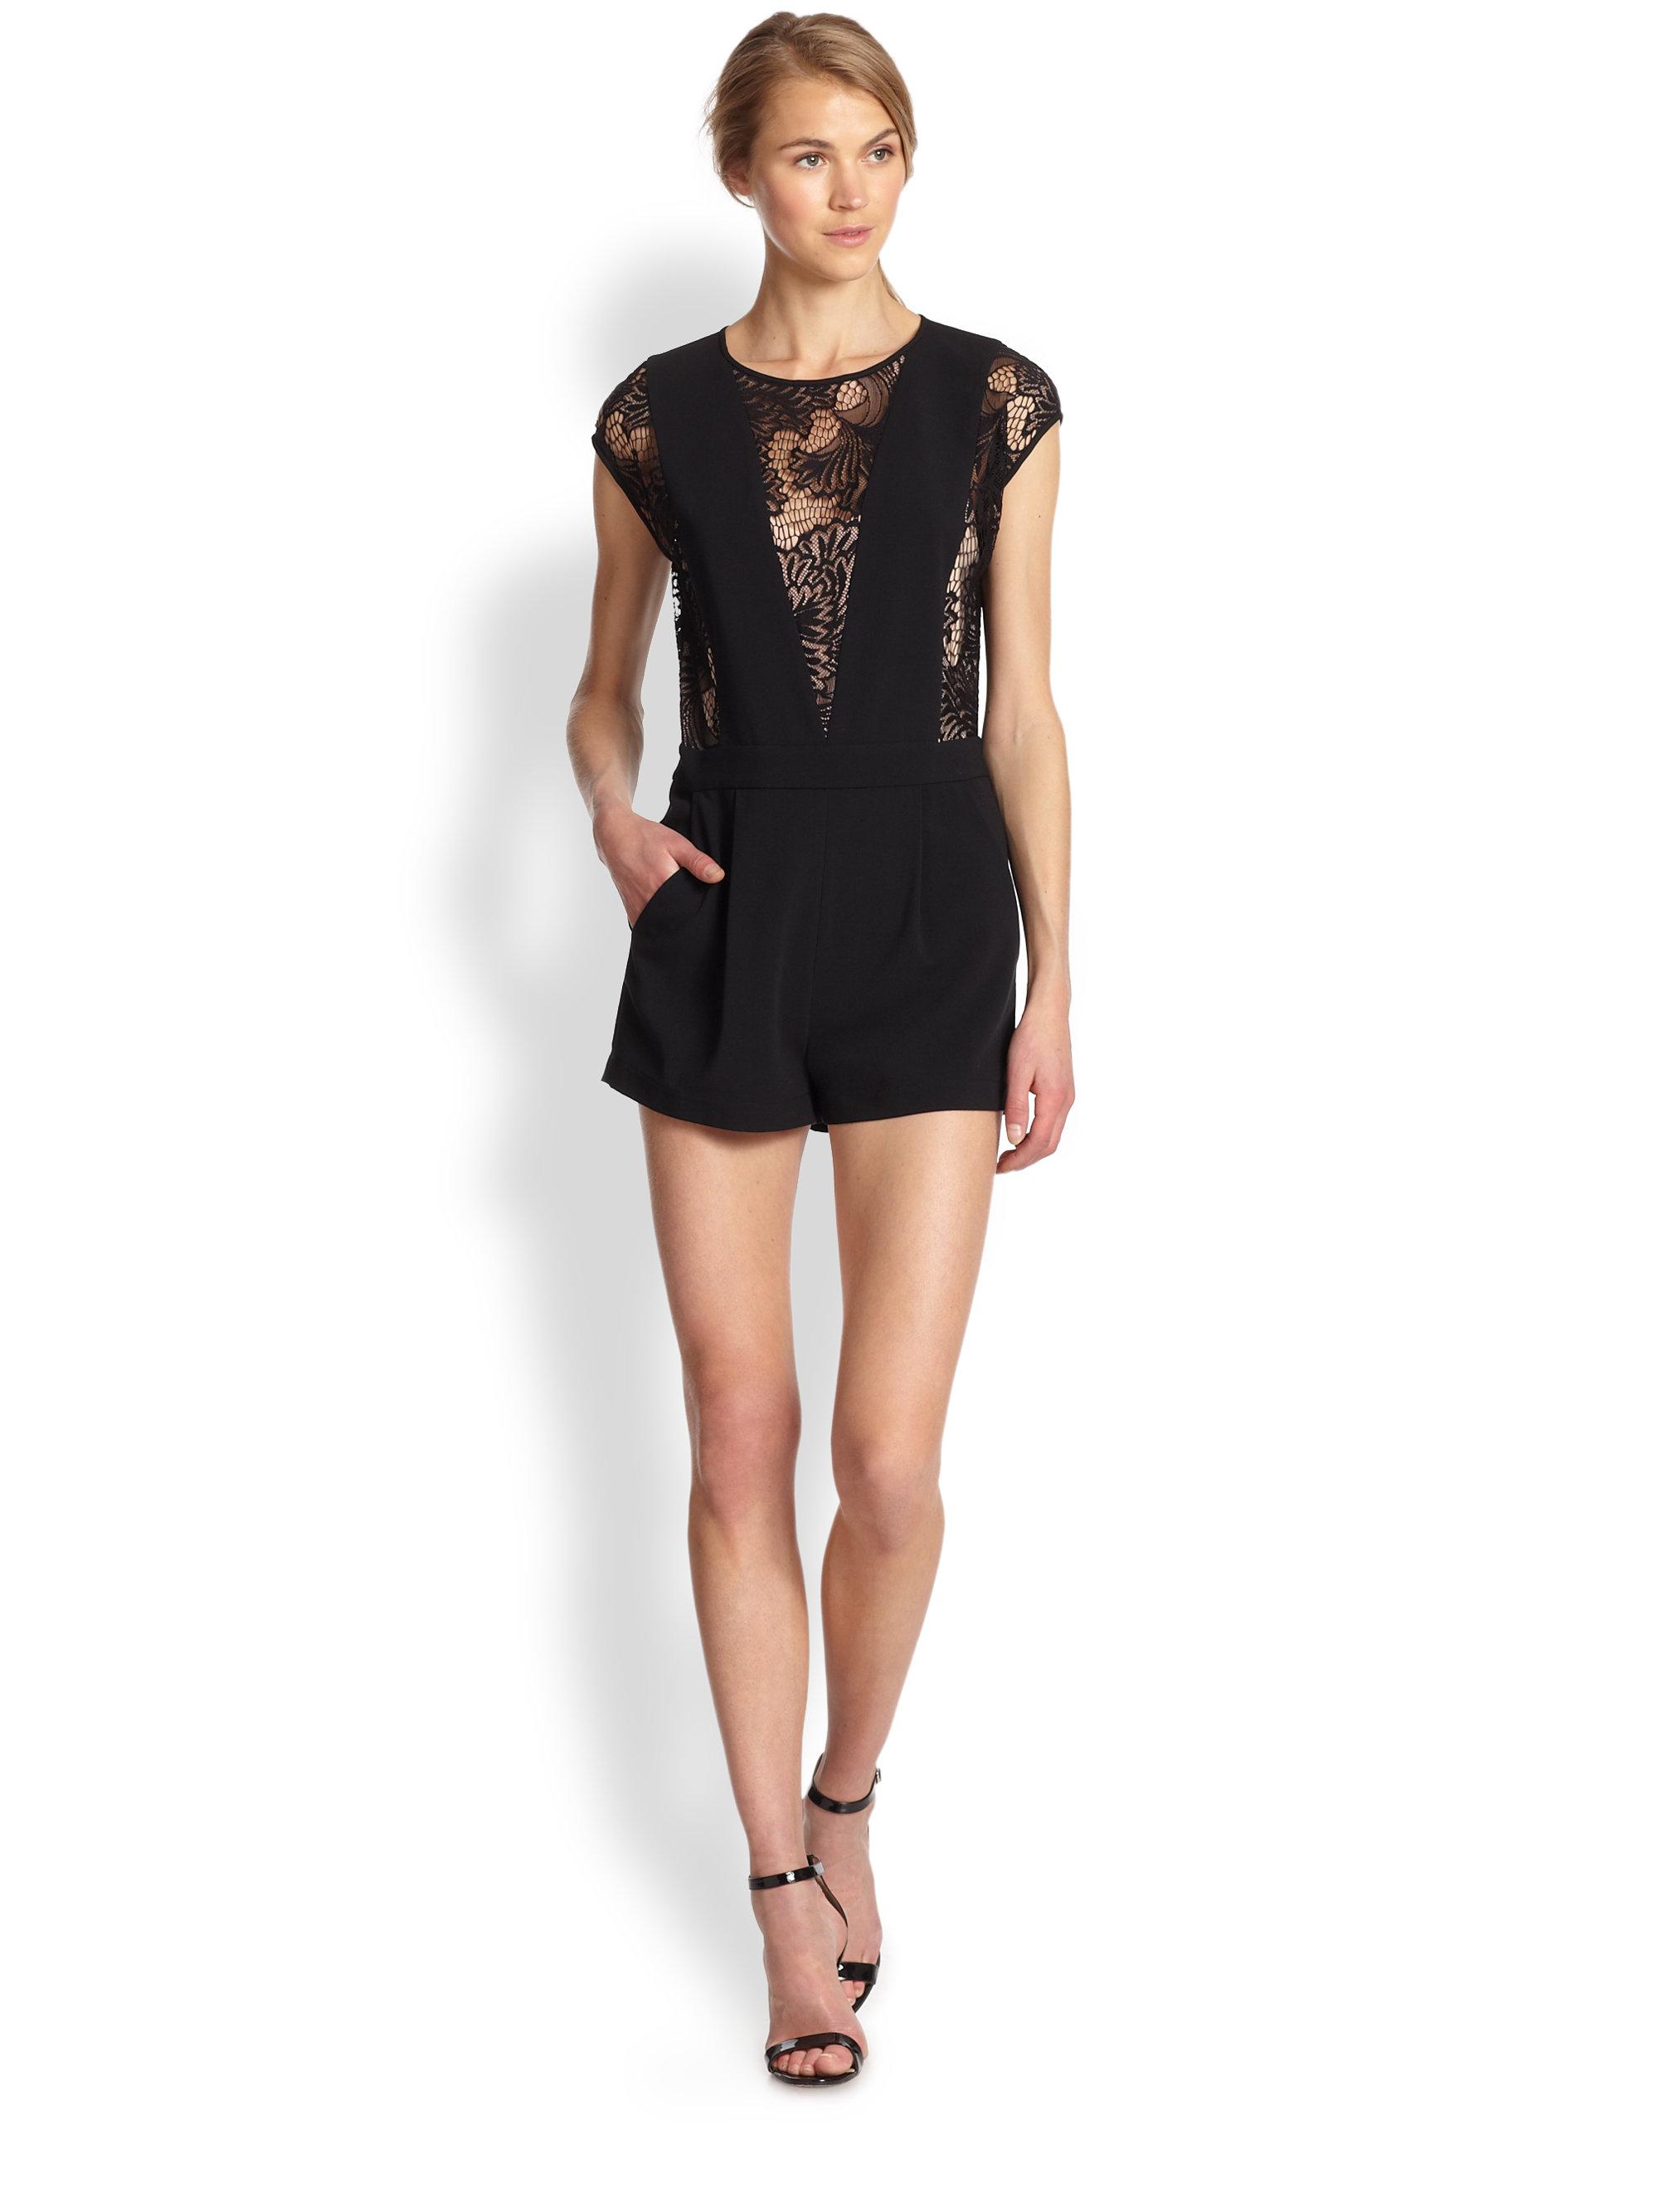 Black Lace Short Jumpsuit - Breeze Clothing